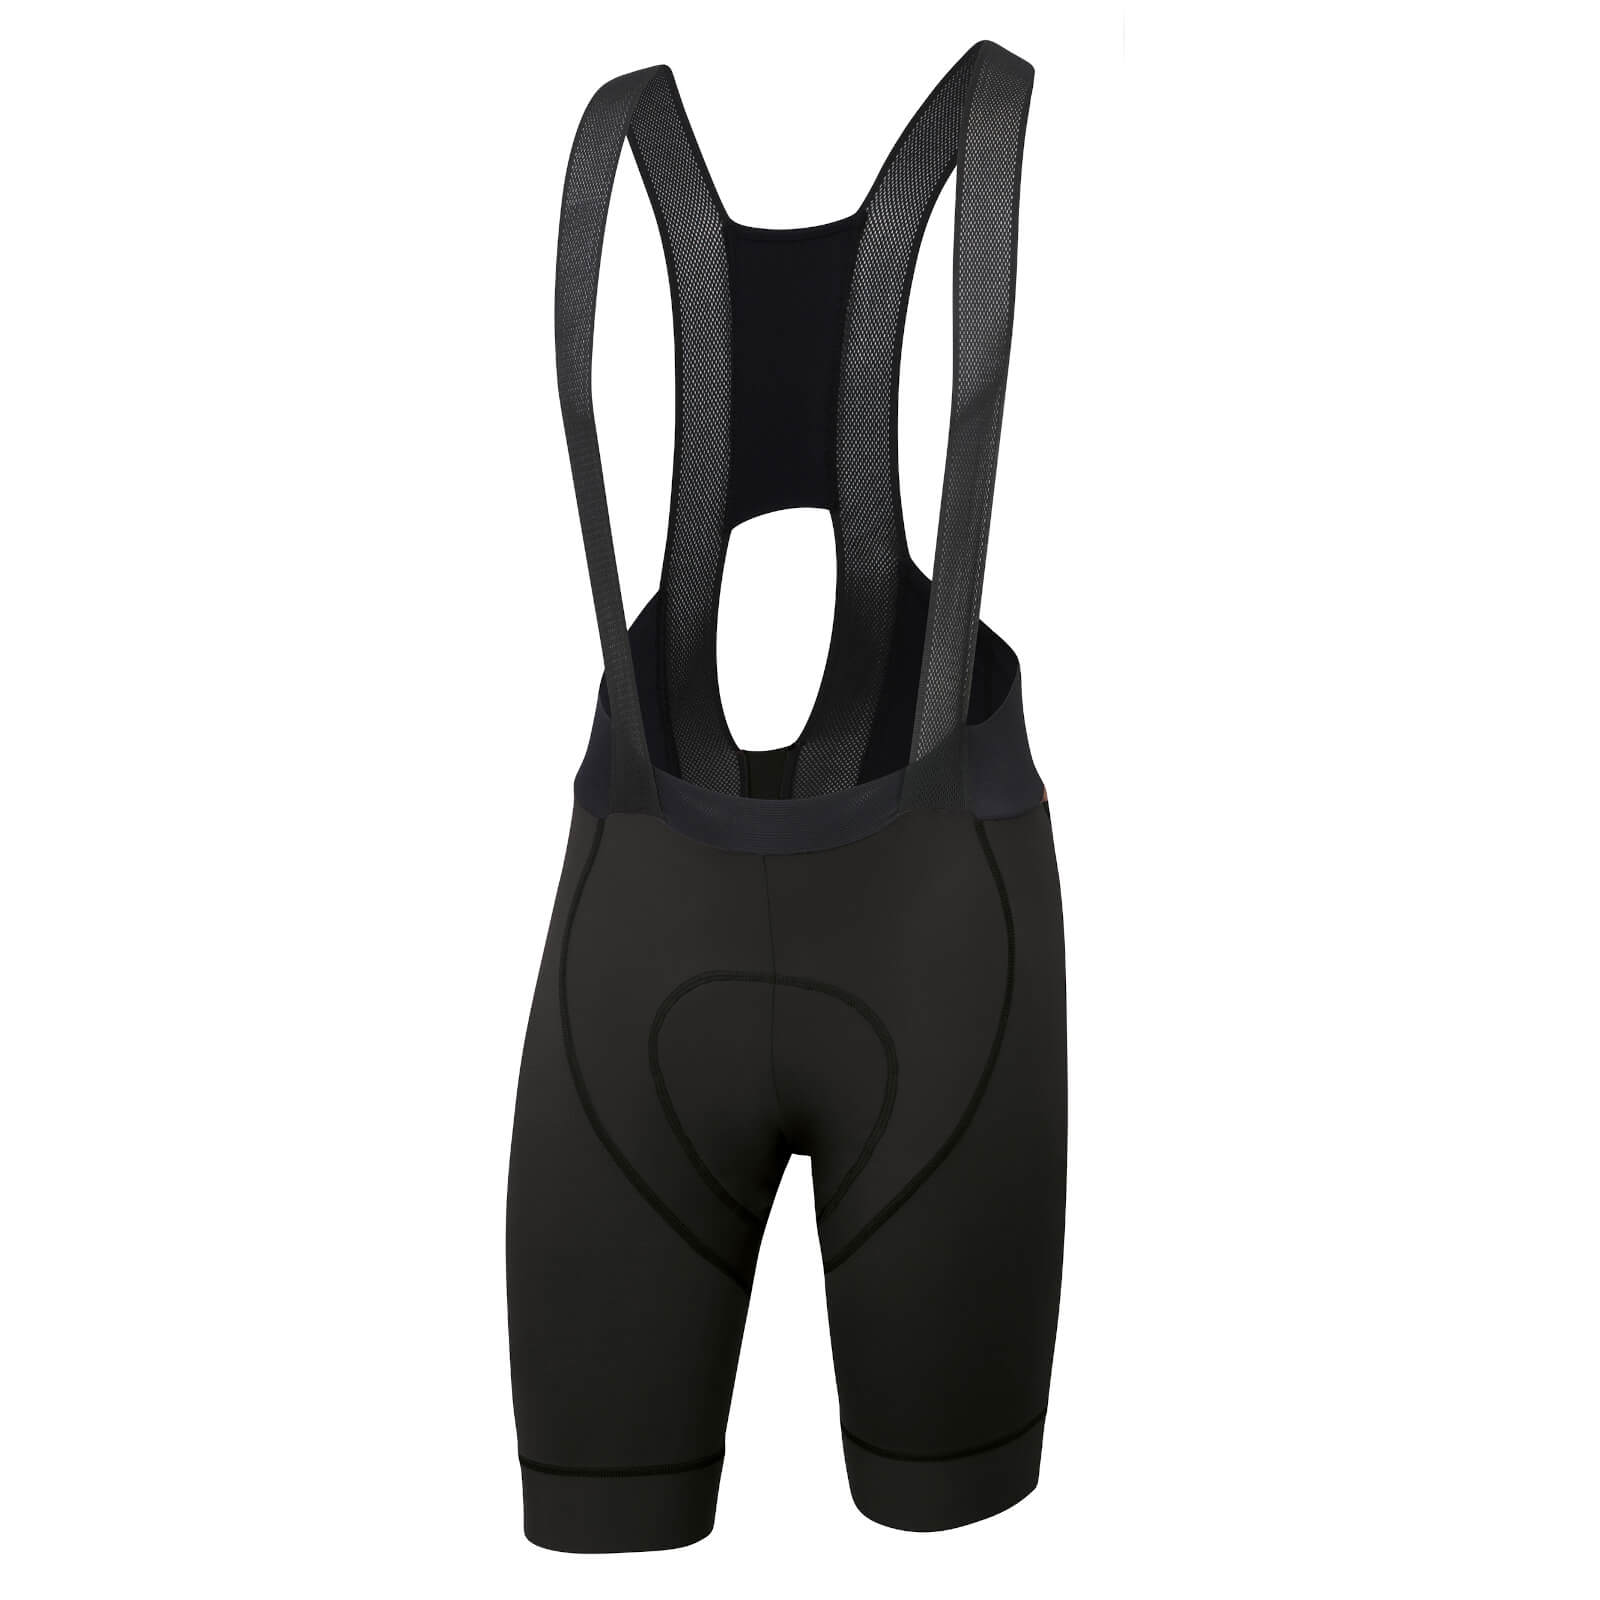 Sportful BodyFit Pro LTD Bib Shorts - XXL - Black